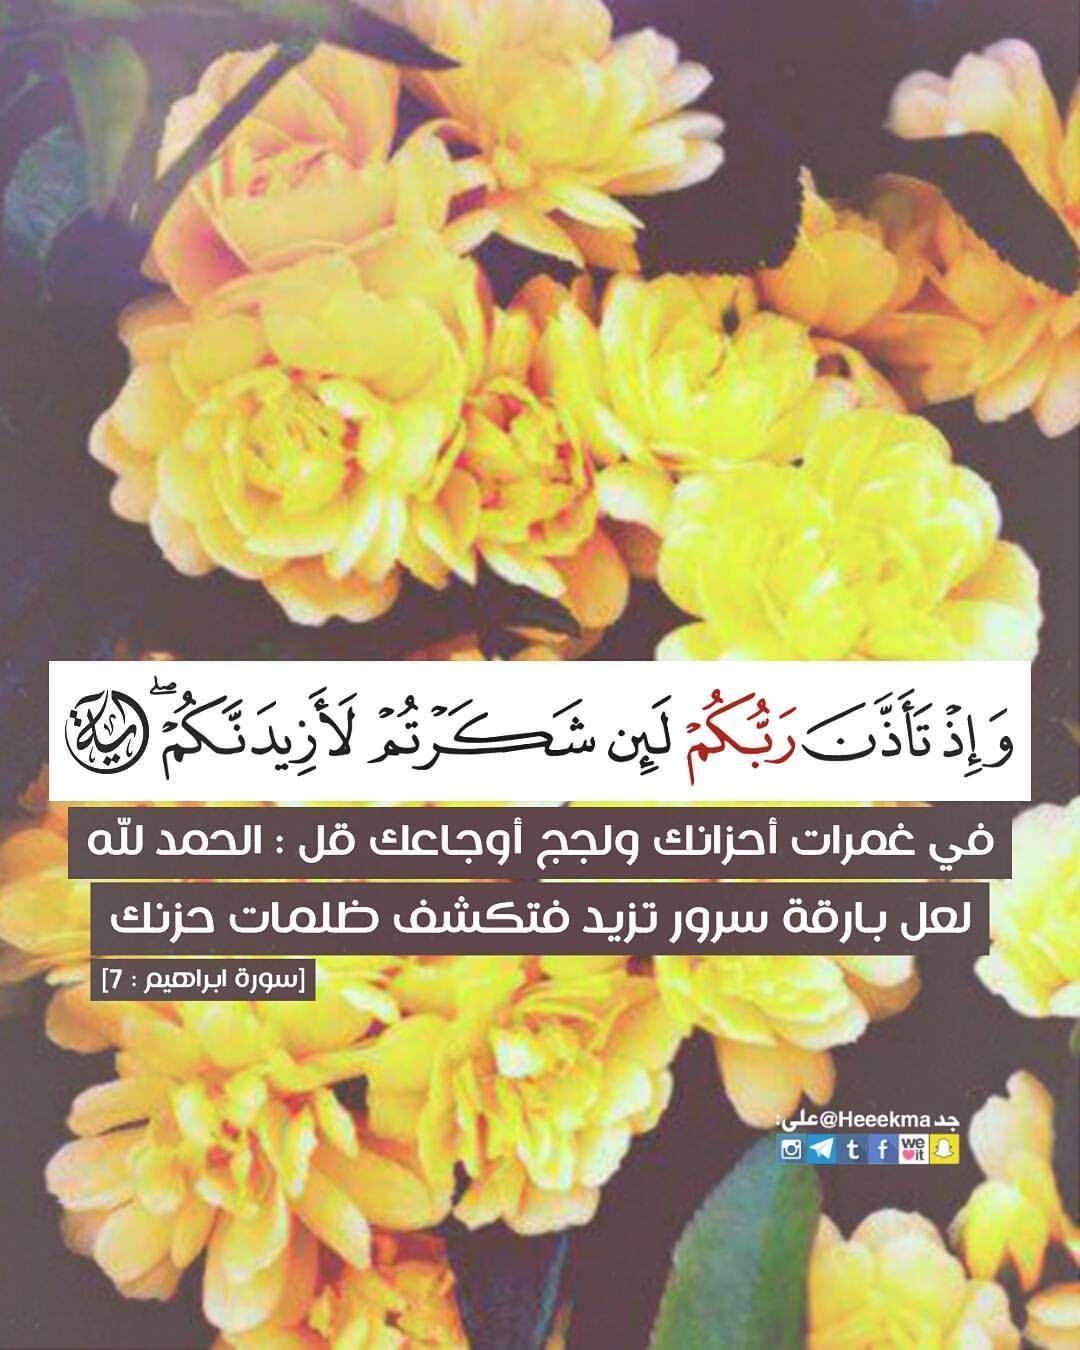 وإذ تأذن ربكم لئن شكرتم لأزيدنكم في غمرات أحزانك ولجج أوجاعك قل الحمد لله لعل بارقة سرور تزيد فتكشف ظلمات حزنك Beautiful Quran Quotes Quran Quotes Quran